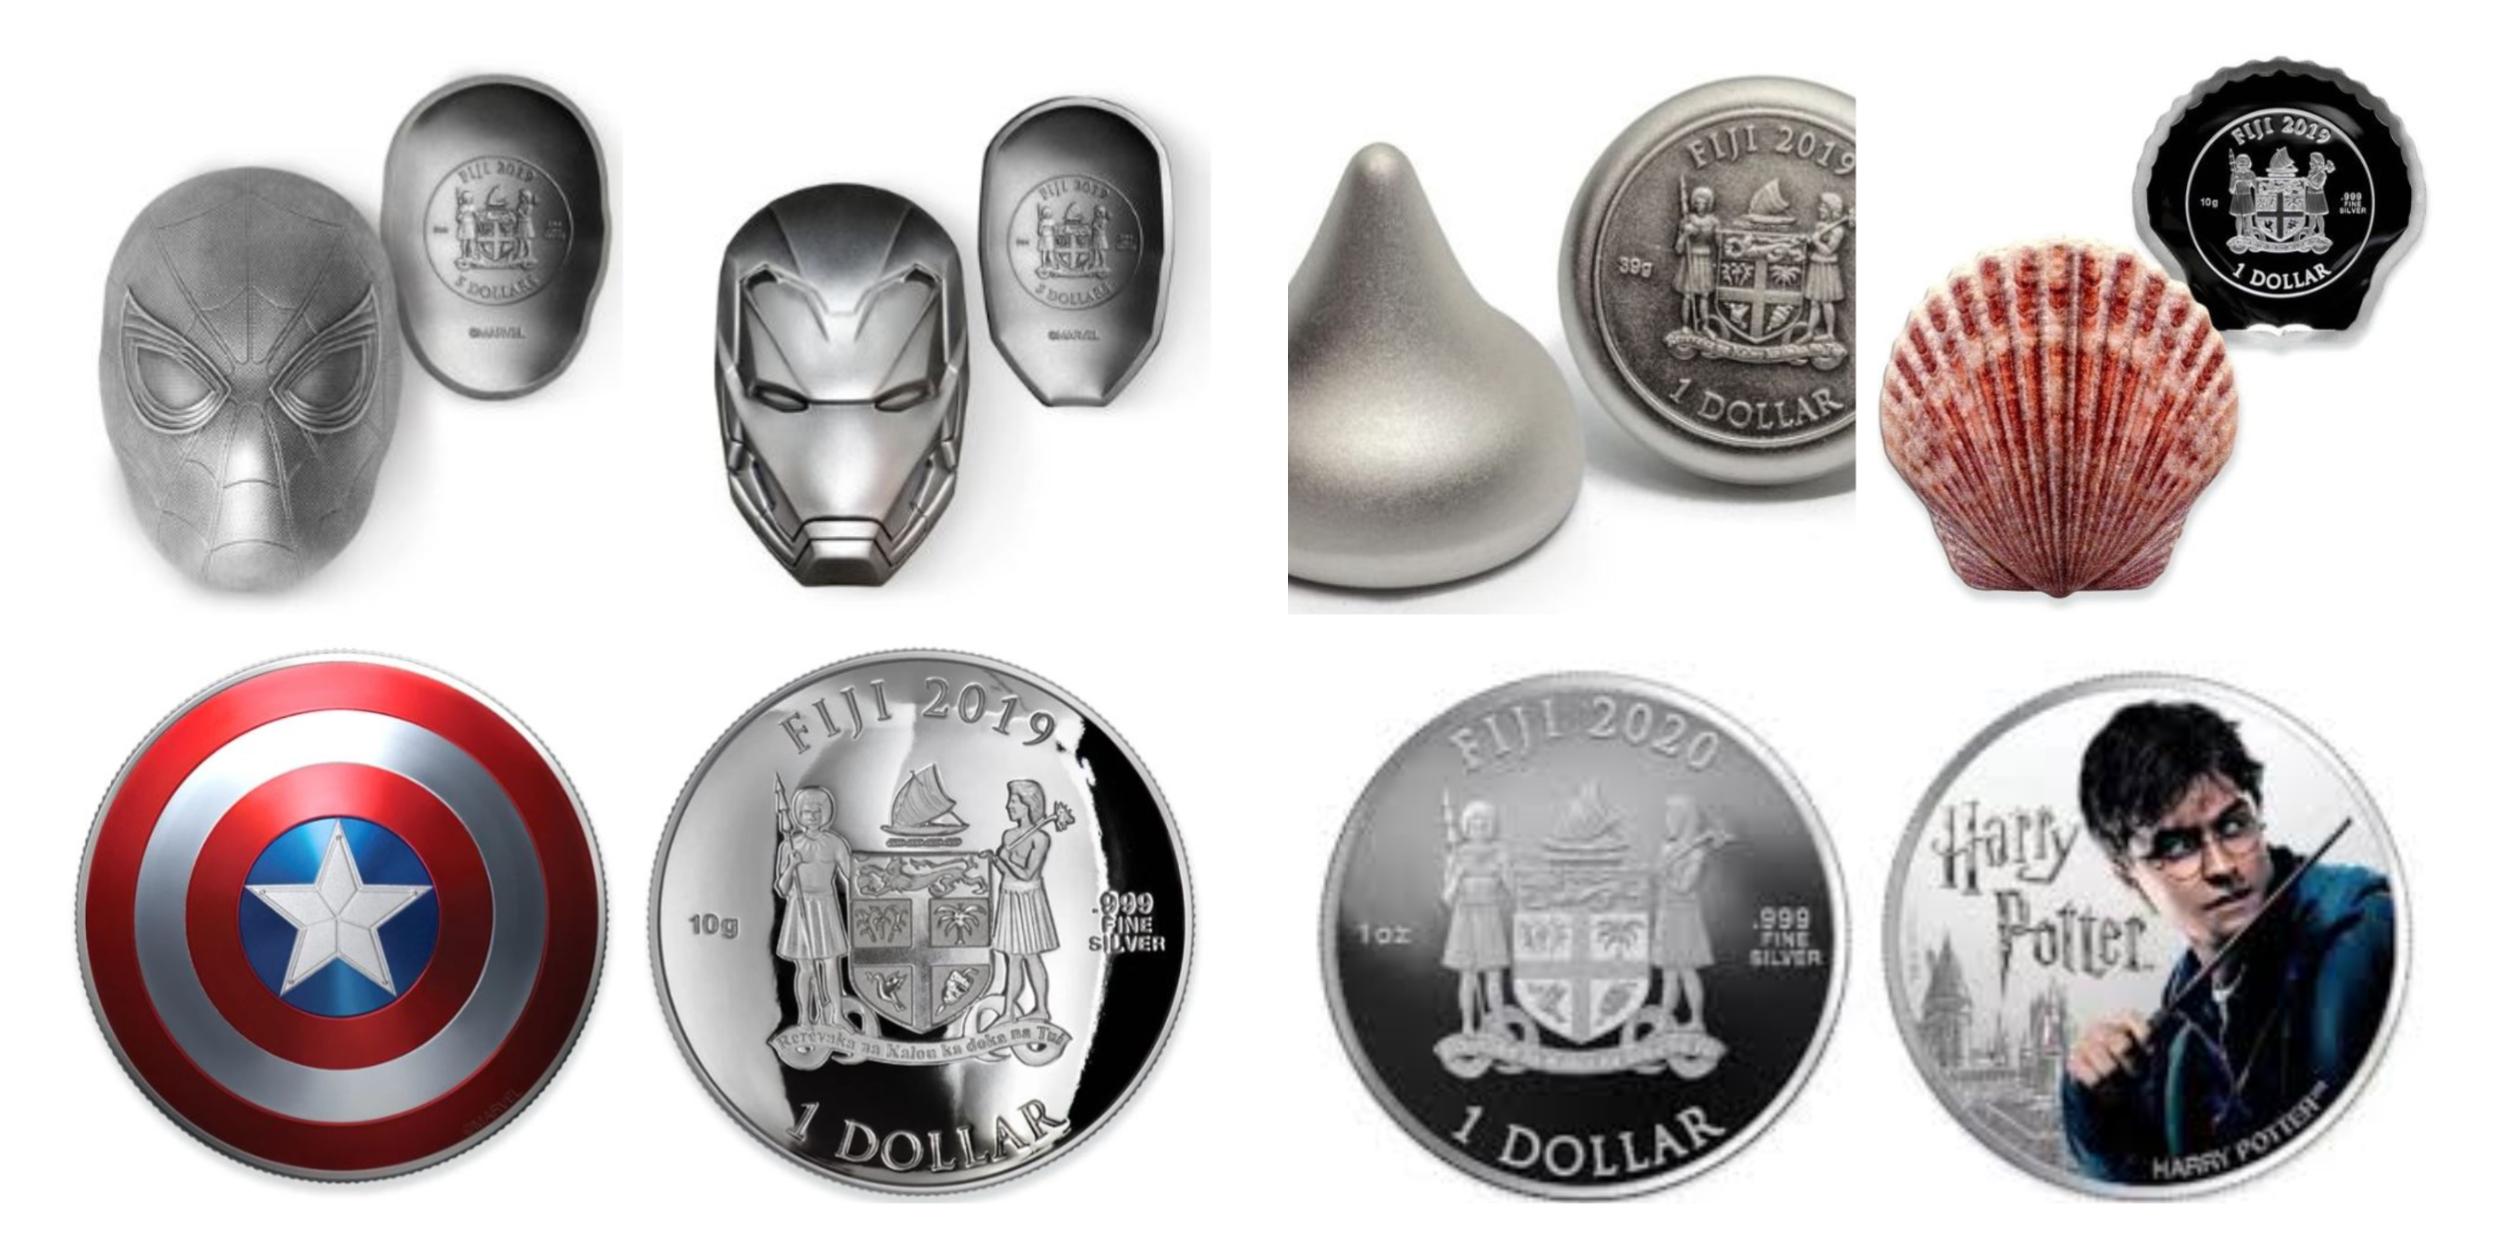 早前,斐济也曾经推出了多种造型独特的纪念币。-图片摘自网络-